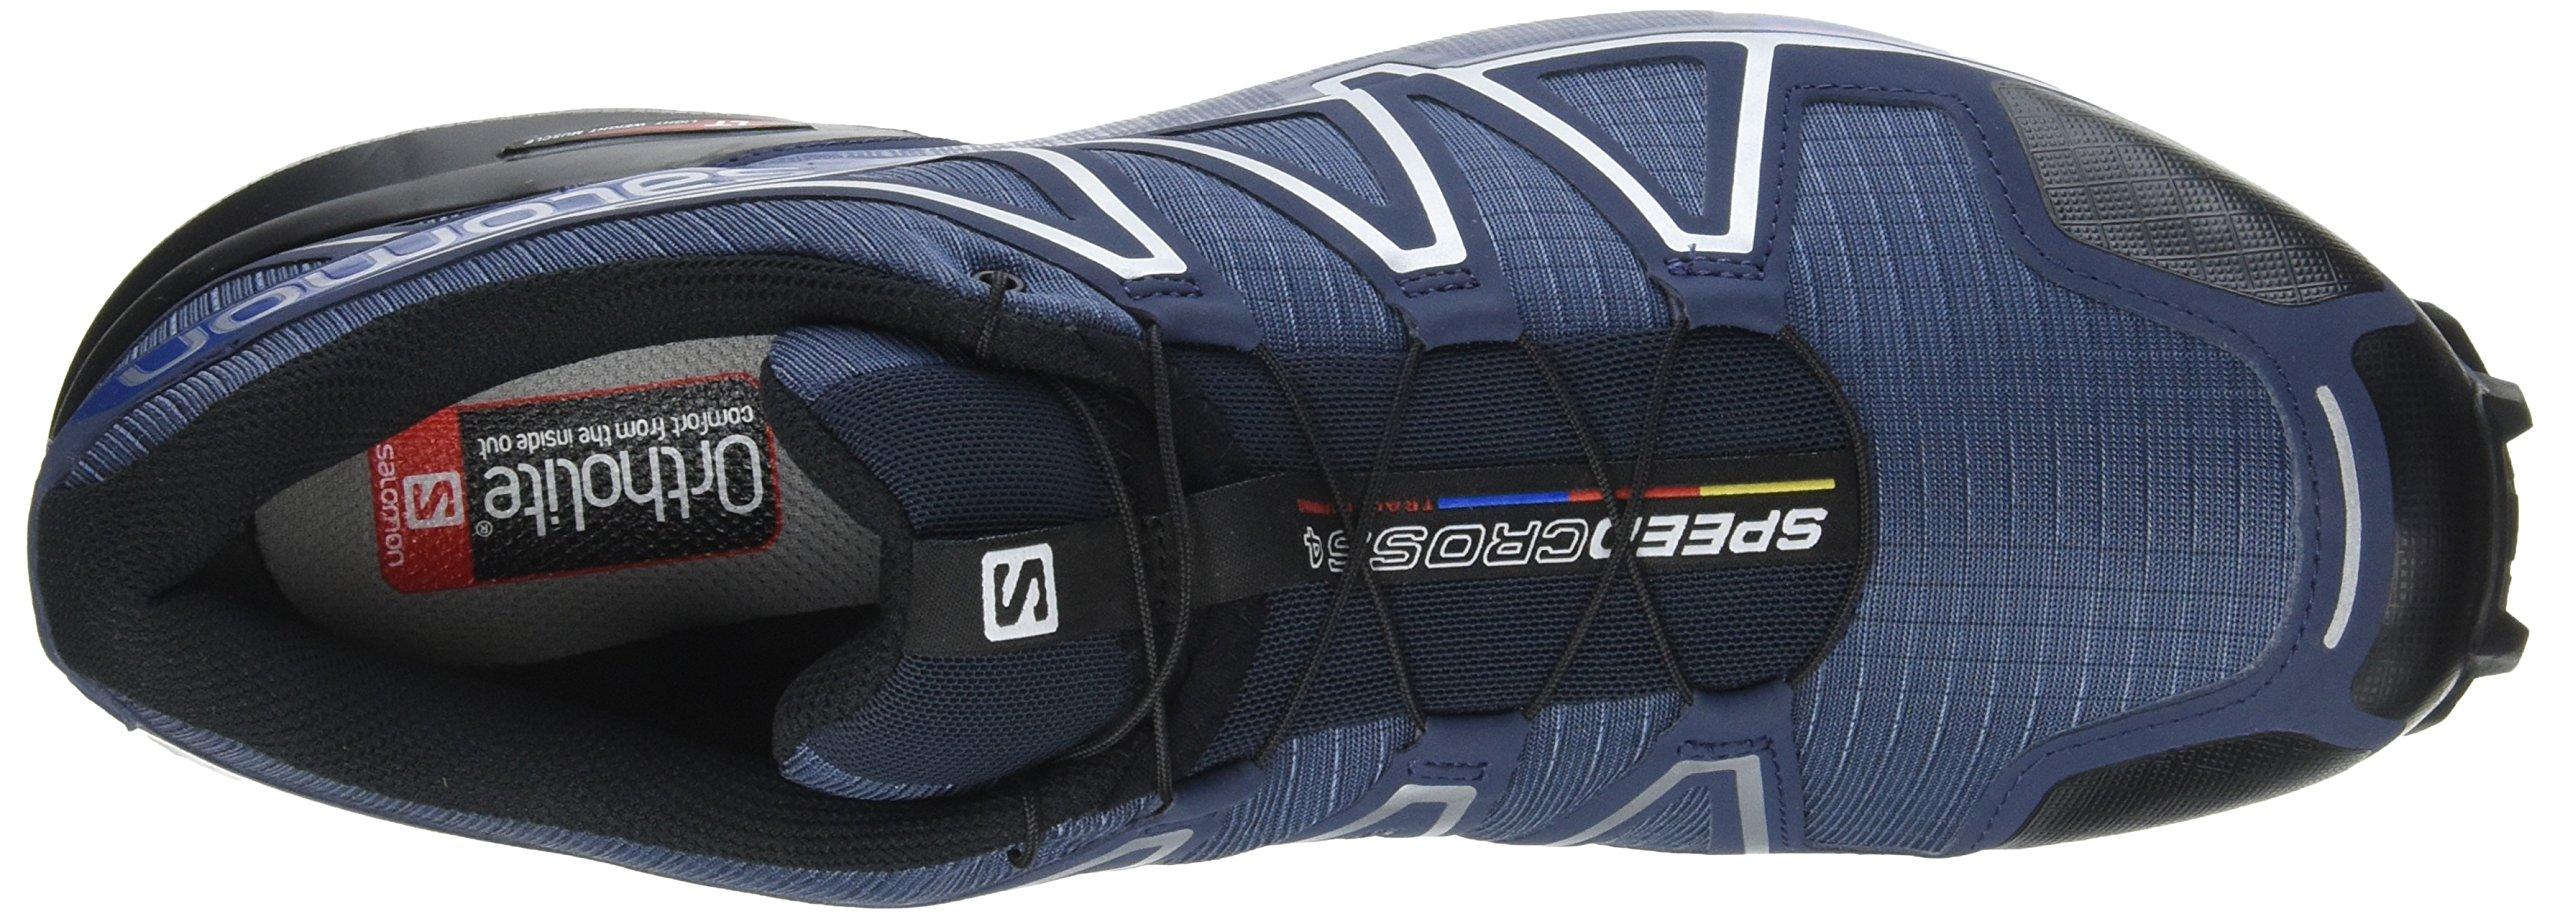 Salomon Men's Speedcross 4 Trail Runner, Slate Black/Blue Yonder, 7 D US by Salomon (Image #13)